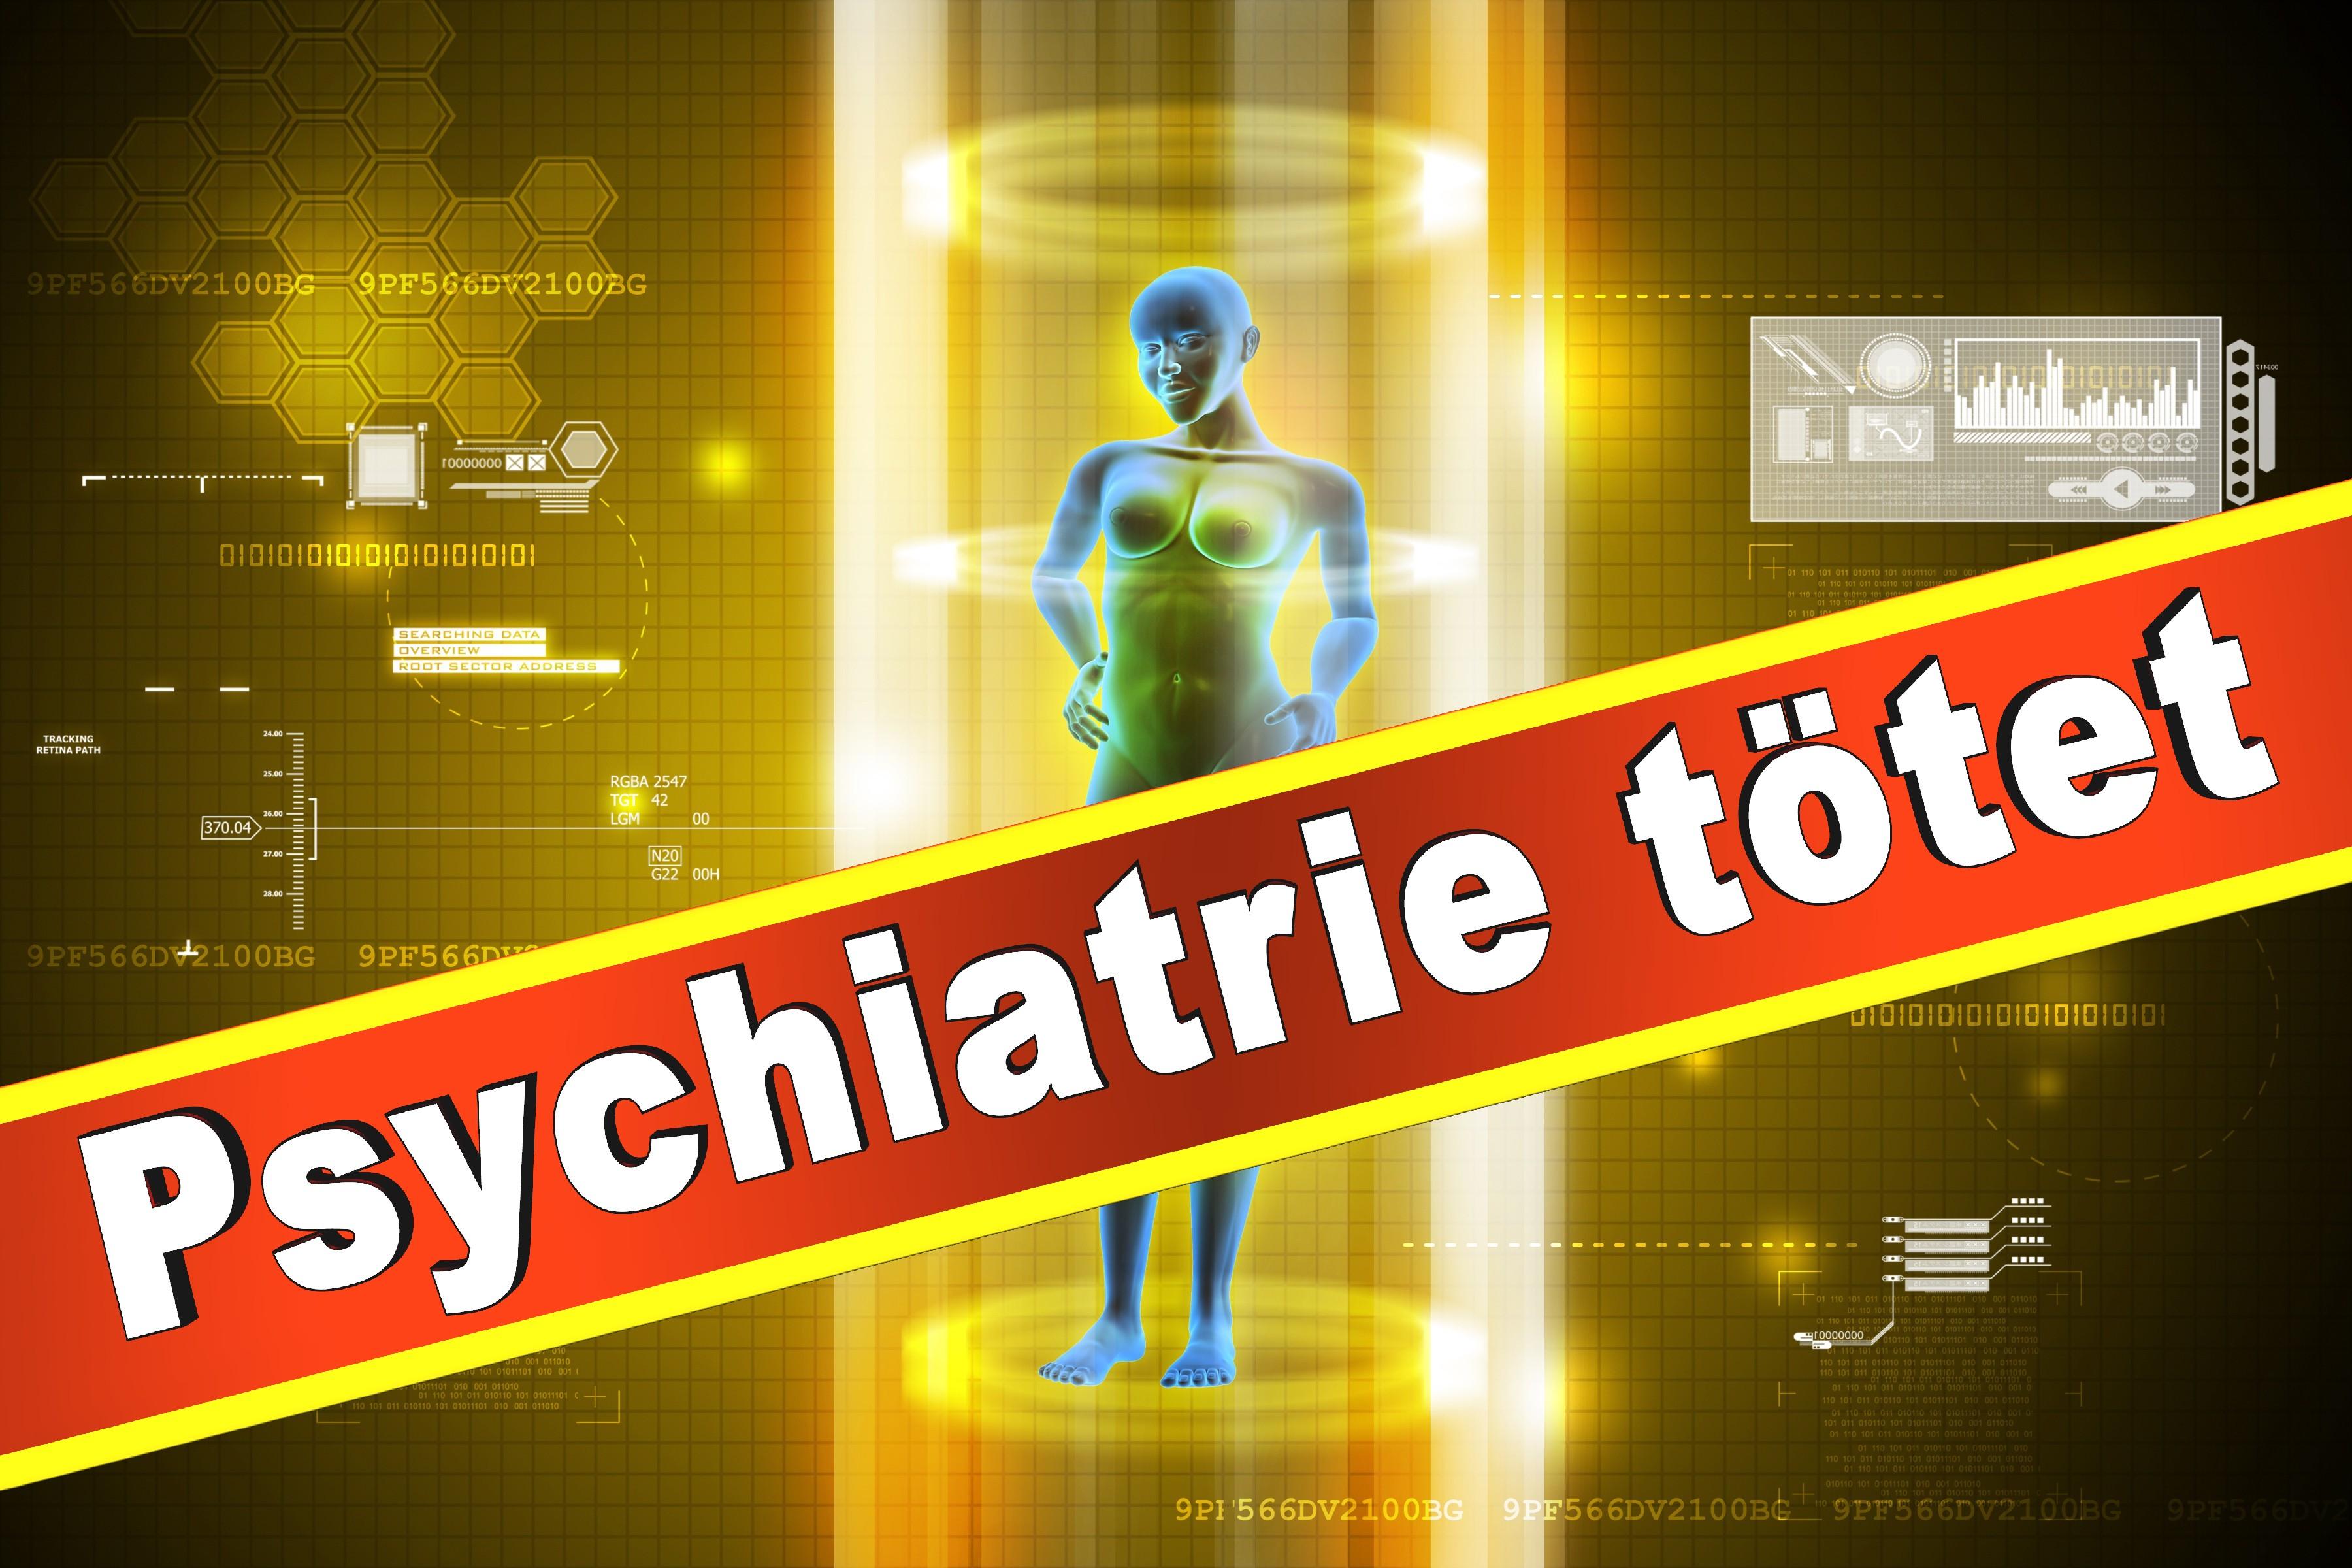 Wielant Machleidt Psychiater Psychotherapeut Professor Praxis Der Interkulturellen Psychiatrie Und Psychotherapie (8)